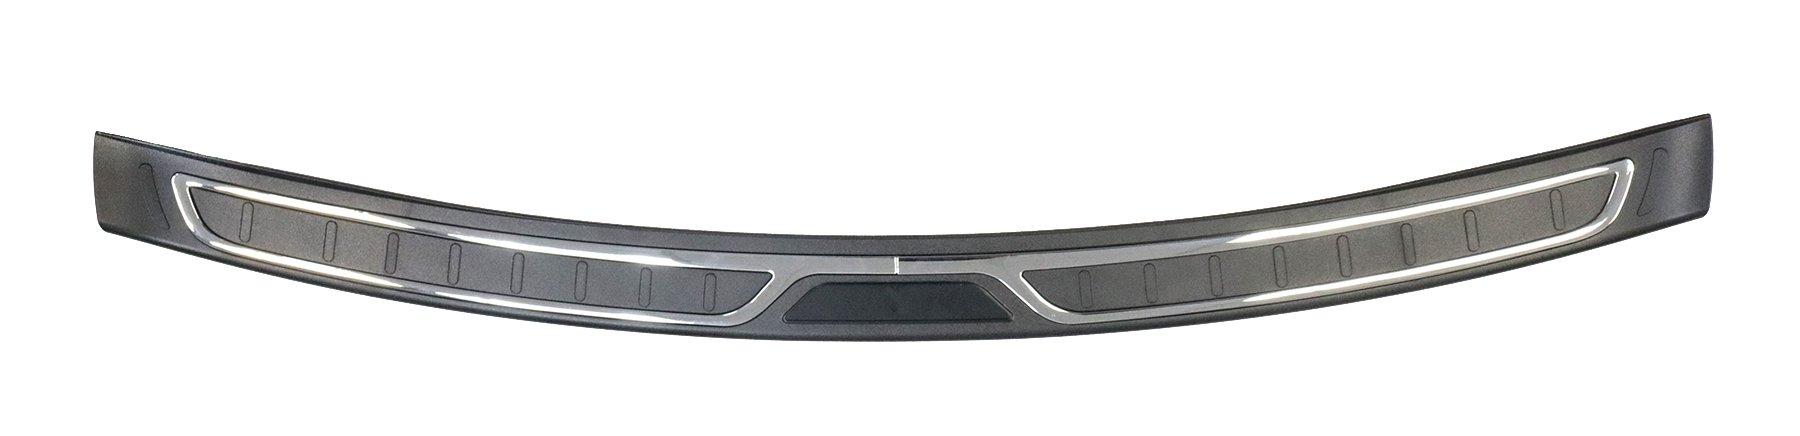 Auto Accessories Dealer Rear Bumper Guard for 2017+ Mazda CX-5 Cover Applique Scuff Plate